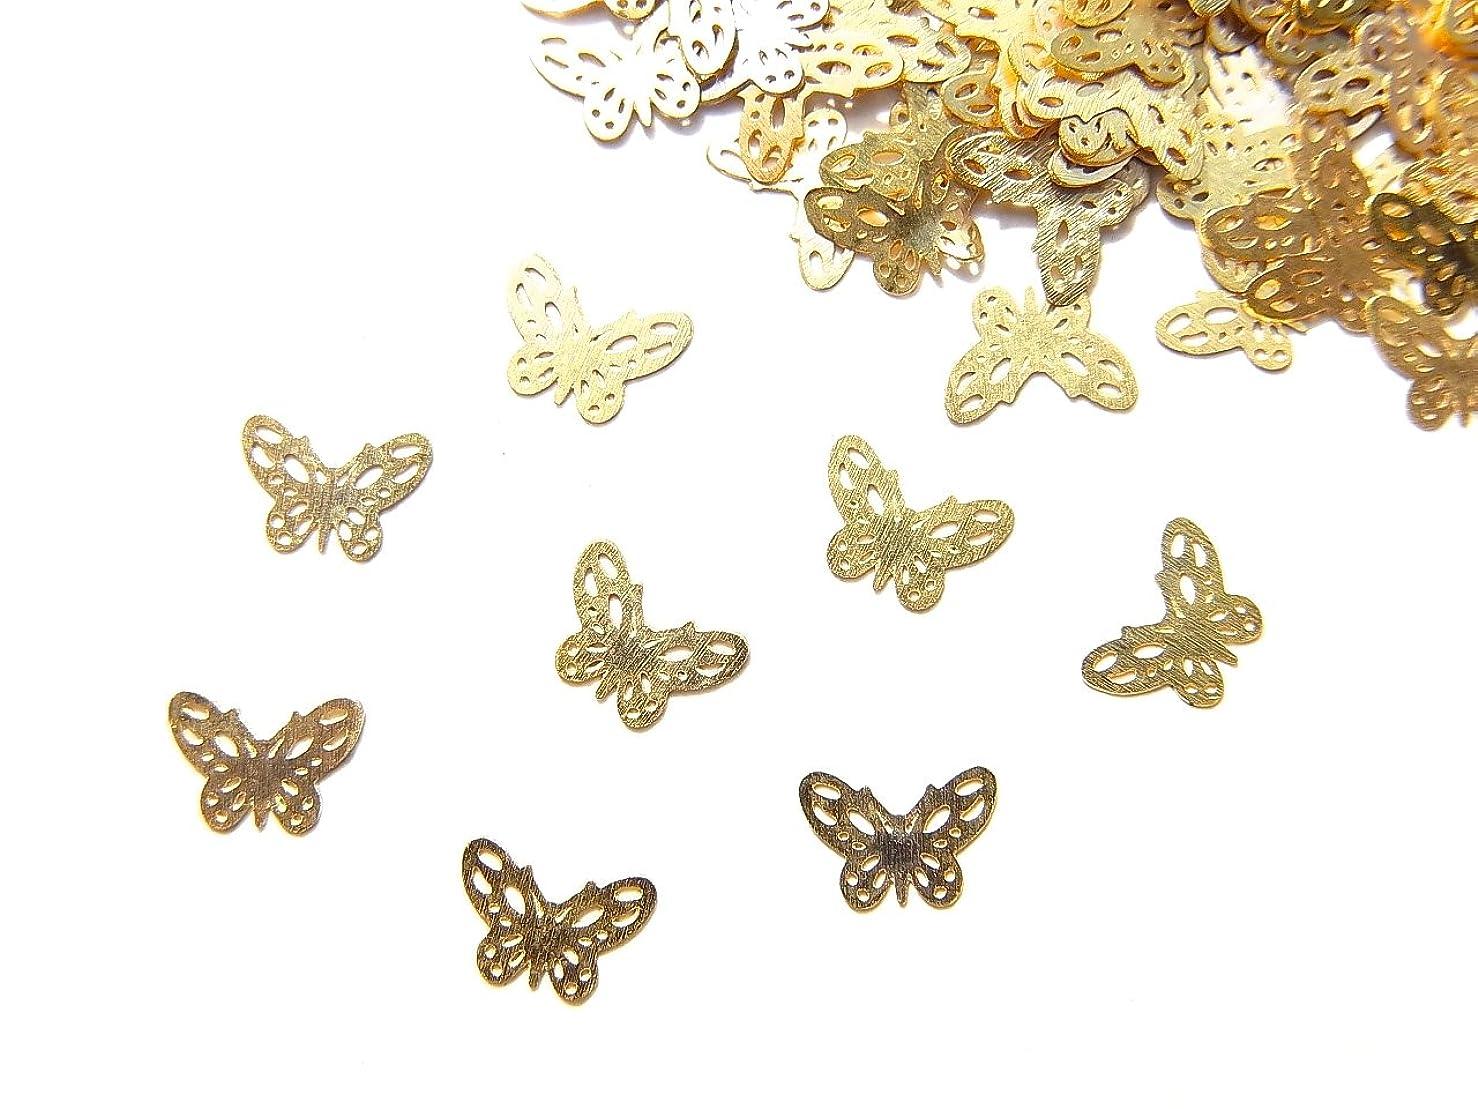 最大少年理論的【jewel】ug25 薄型ゴールド メタルパーツ Sサイズ バタフライ 蝶 B 10個入り ネイルアートパーツ レジンパーツ